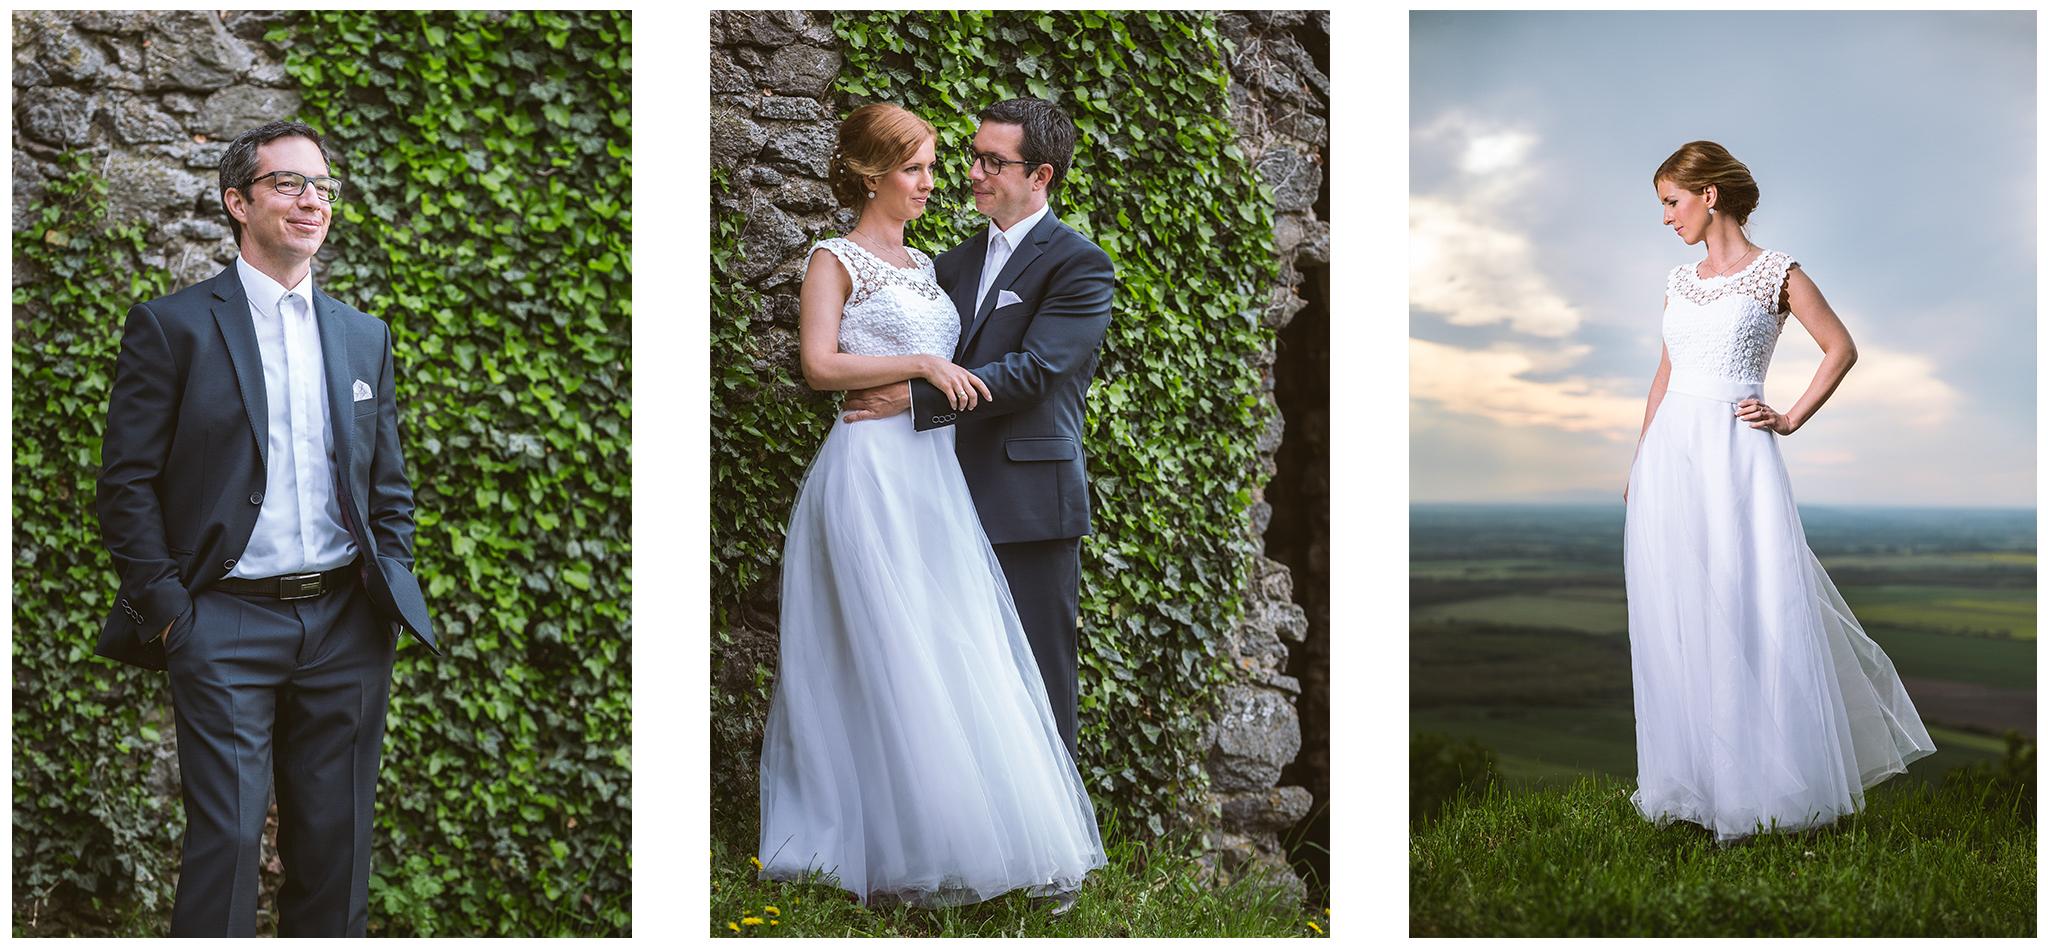 FylepPhoto, esküvőfotós, esküvői fotós Körmend, Szombathely, esküvőfotózás, magyarország, vas megye, prémium, jegyesfotózás, Fülöp Péter, körmend, kreatív, fotográfus_8.jpg